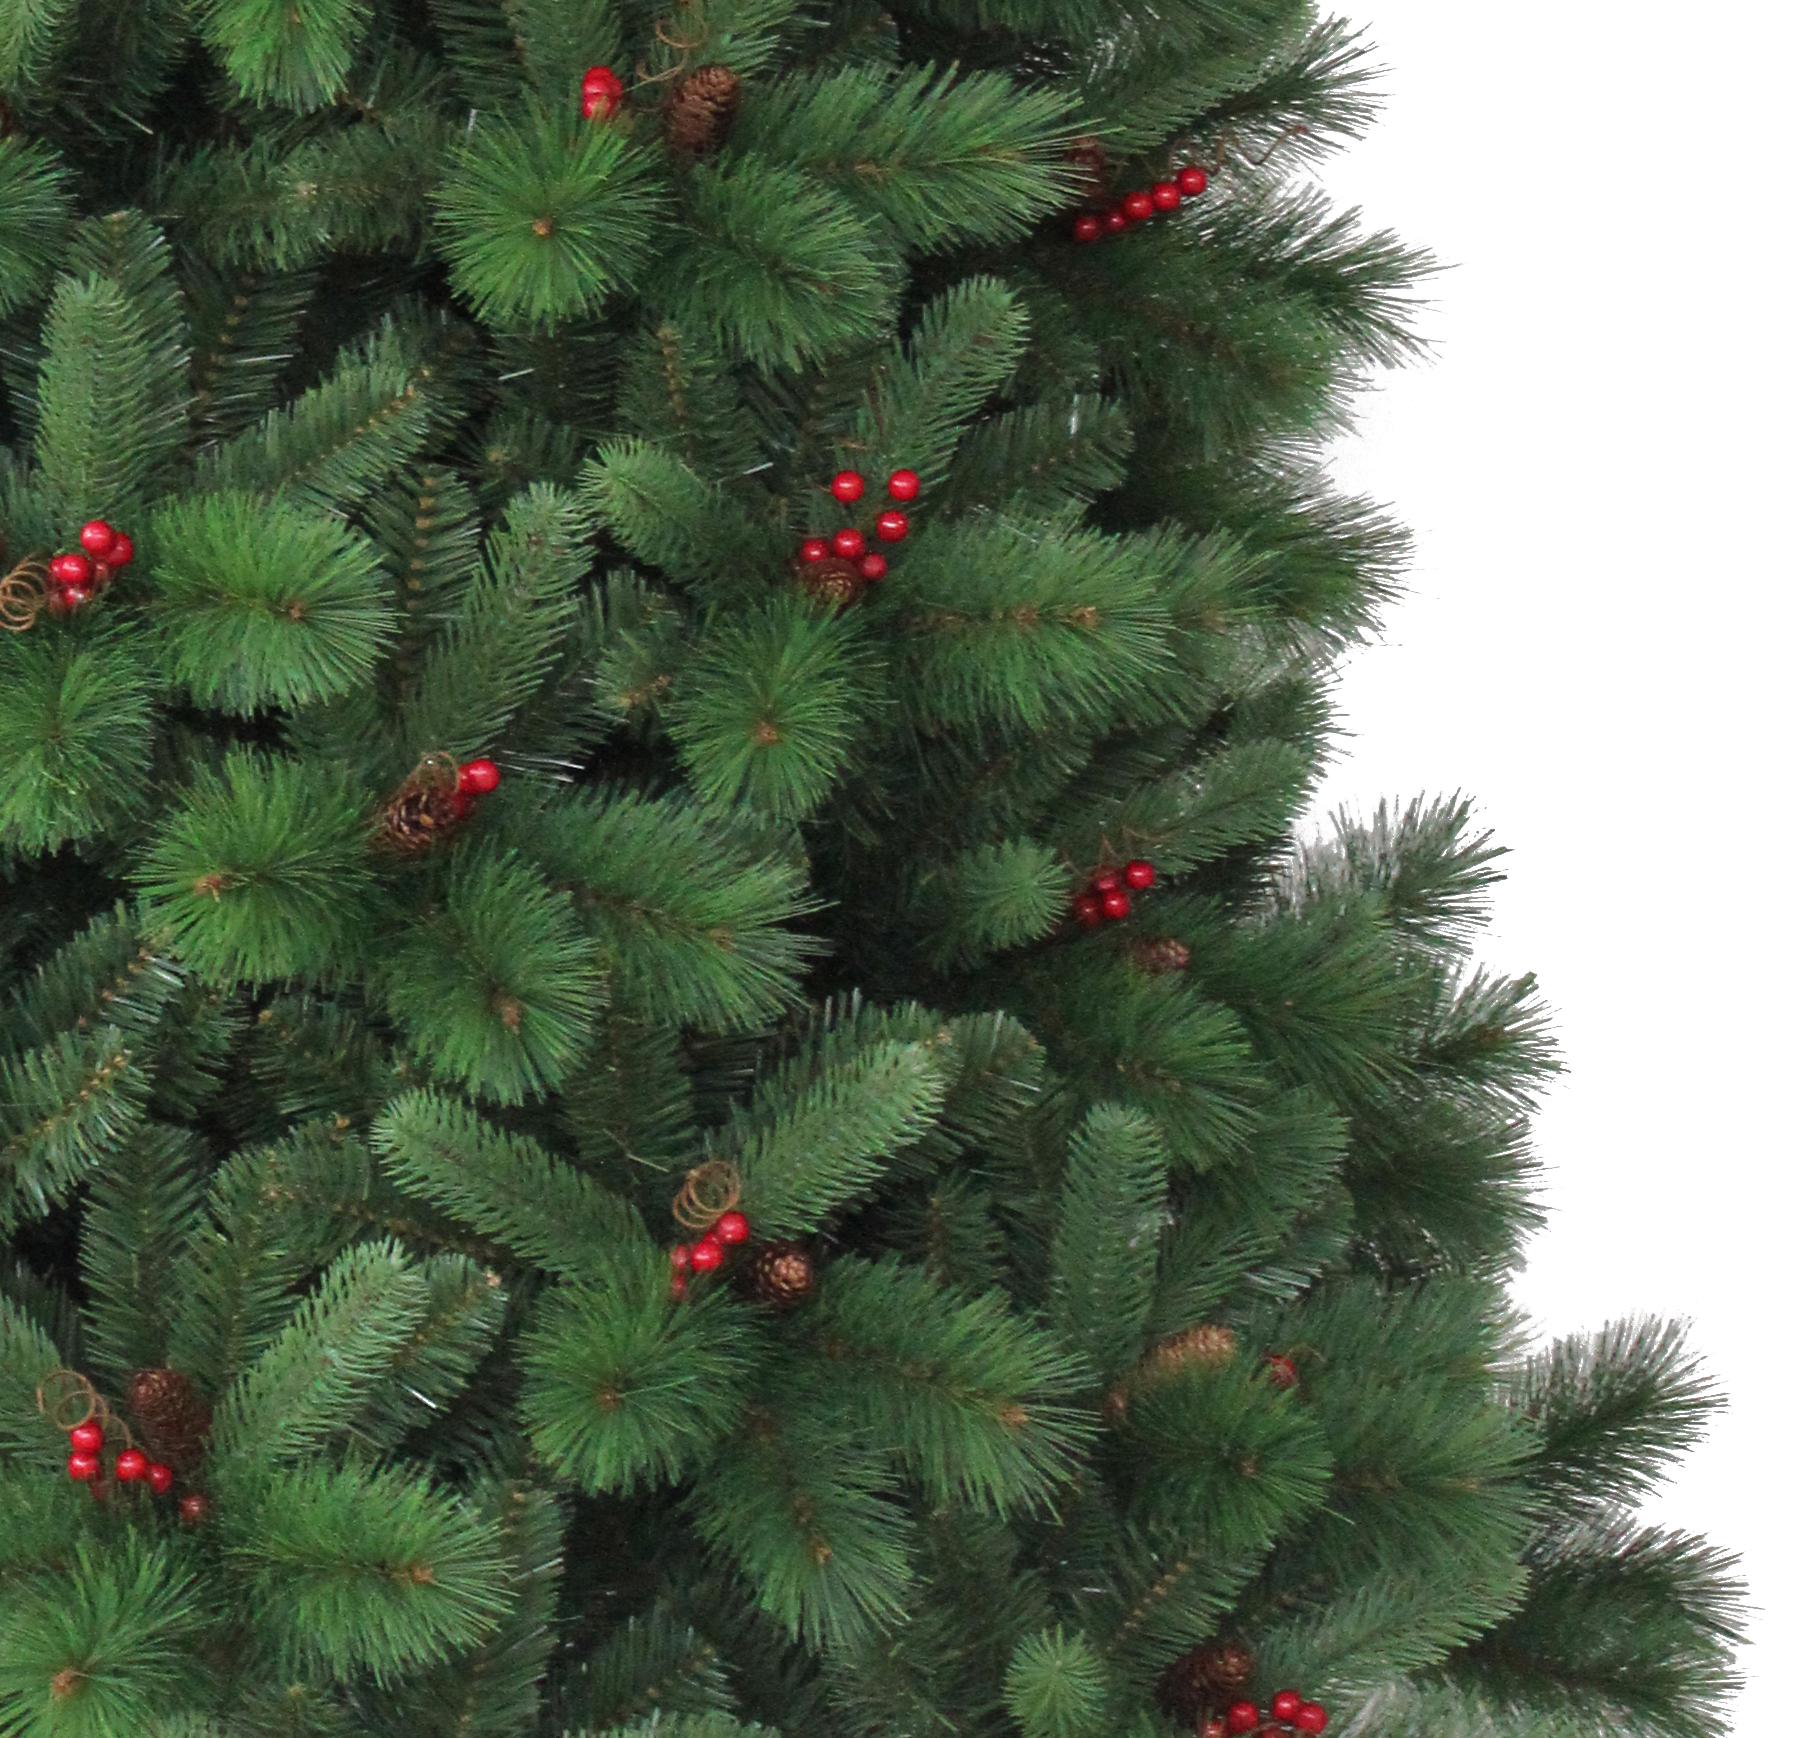 270 cm sapin arbre de no l artificiel avec baies rouges et pommes de pin ebay. Black Bedroom Furniture Sets. Home Design Ideas